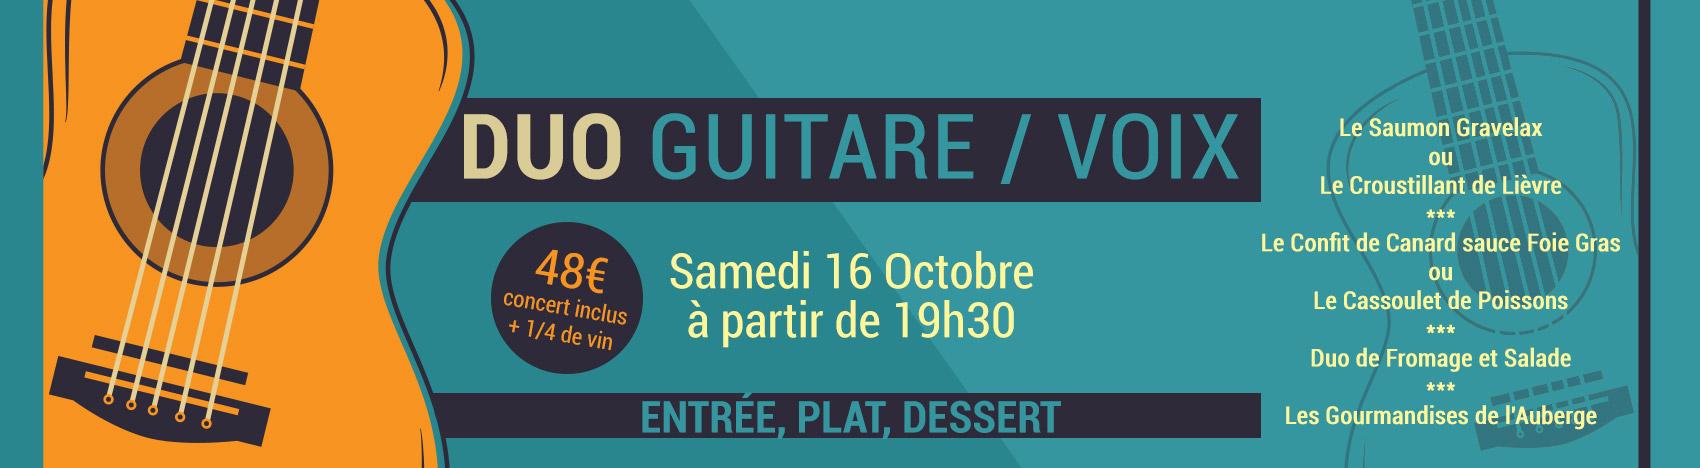 Soirée Duo Guitare Voix, Samedi 16 Octobre à partir de 19h30